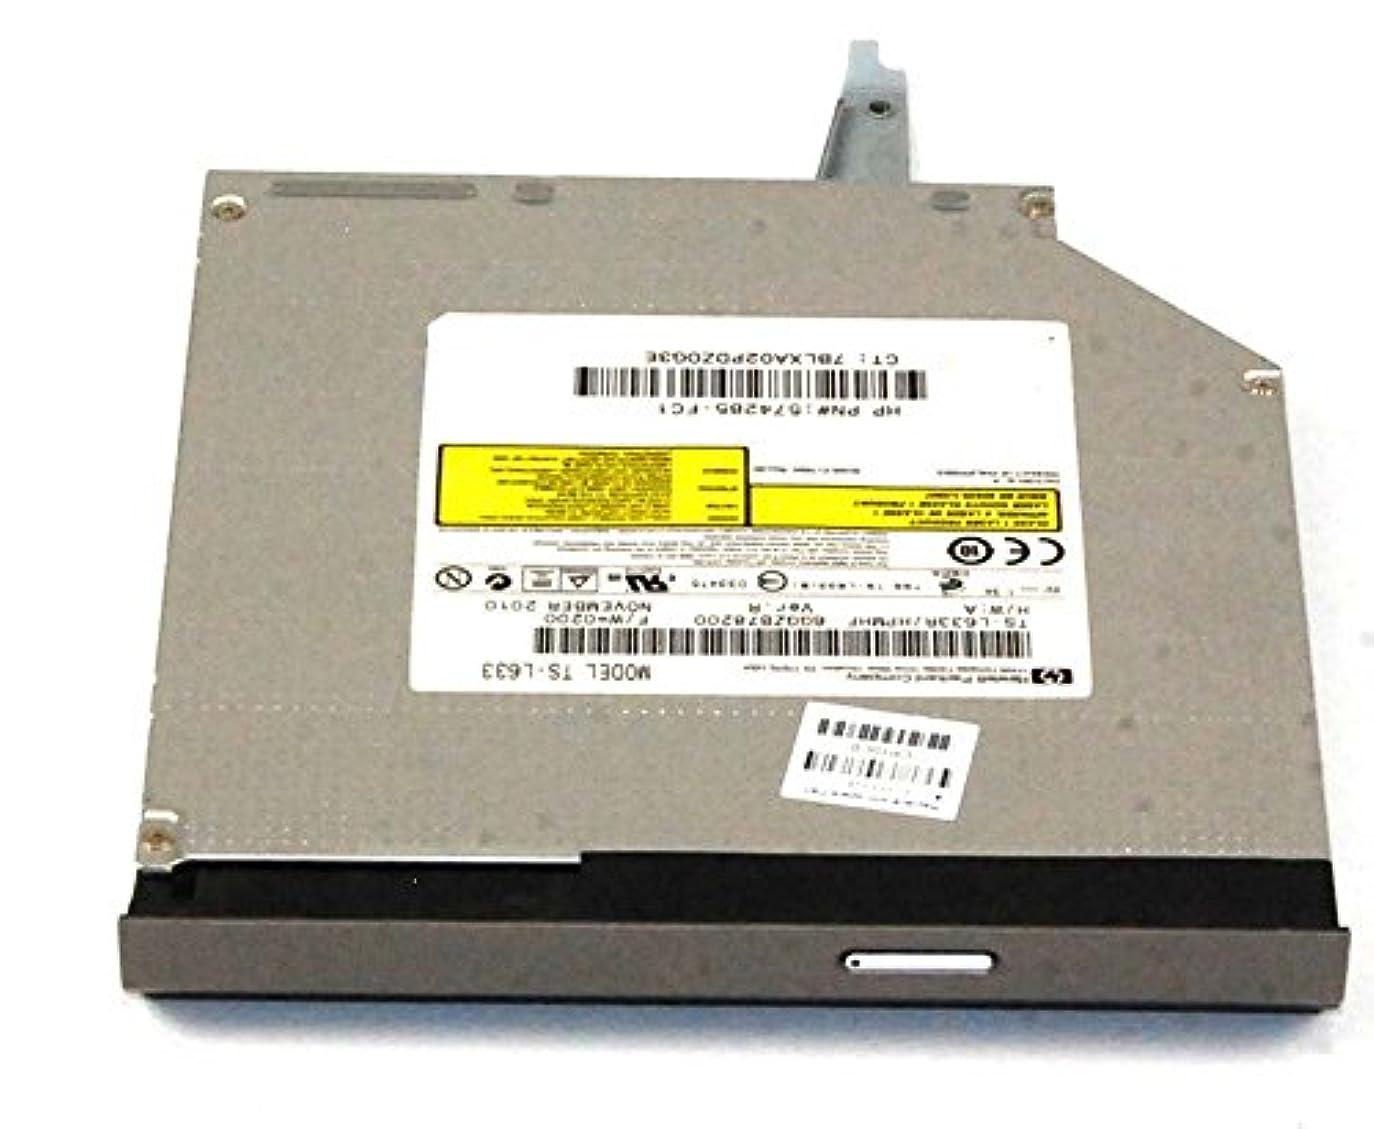 値包括的不測の事態HP g72 g72-bシリーズCD DVD書き込みライターRomプレーヤードライブ